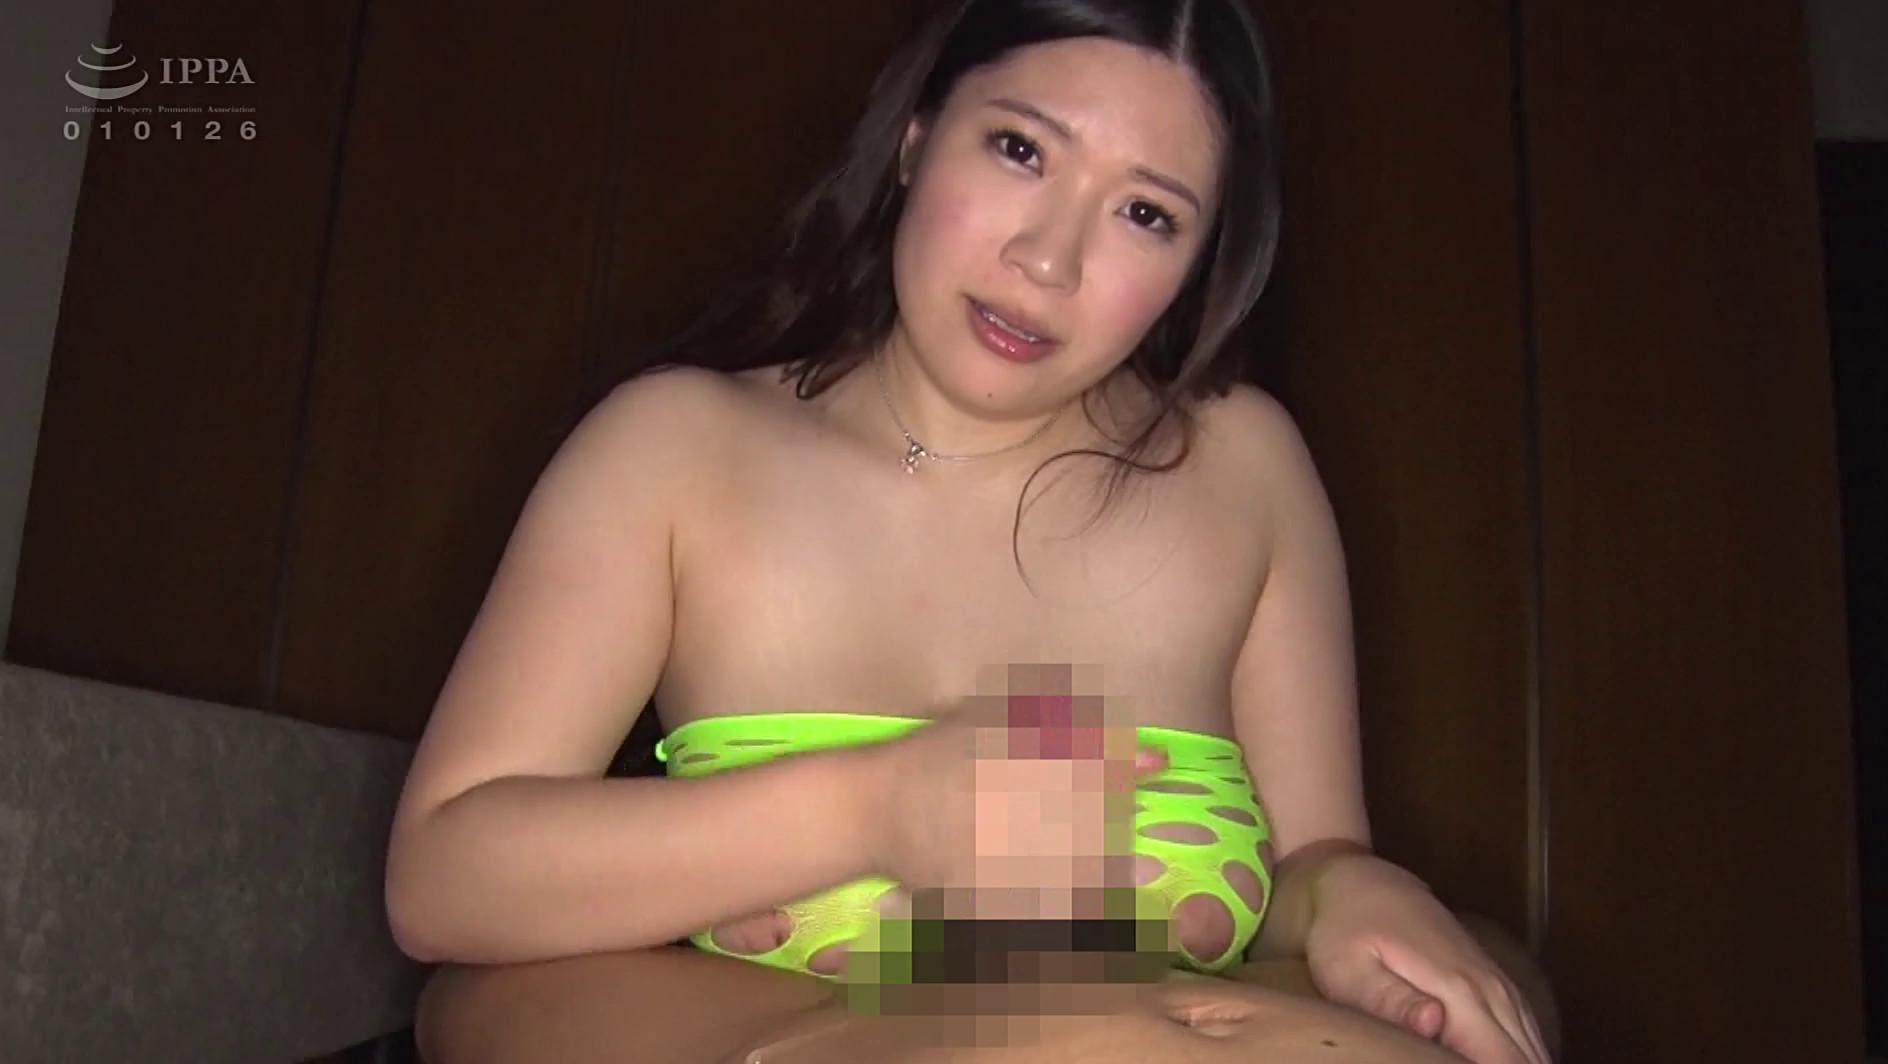 爆乳ムチぽちゃ女子20人連続セックス 2 16時間 BOX 画像8